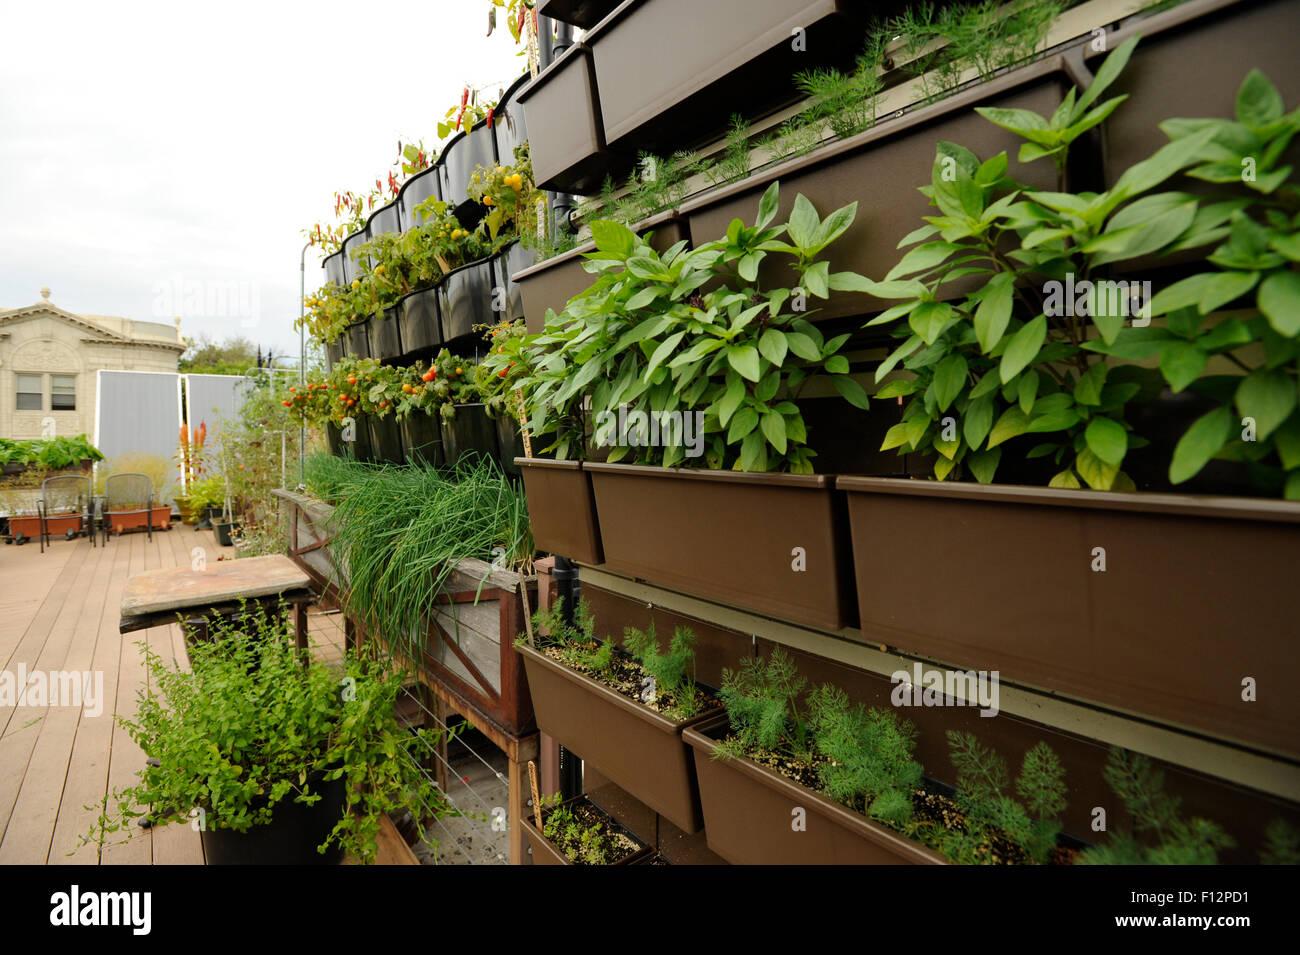 Roof Garden Restaurant Stock Photos & Roof Garden Restaurant Stock ...